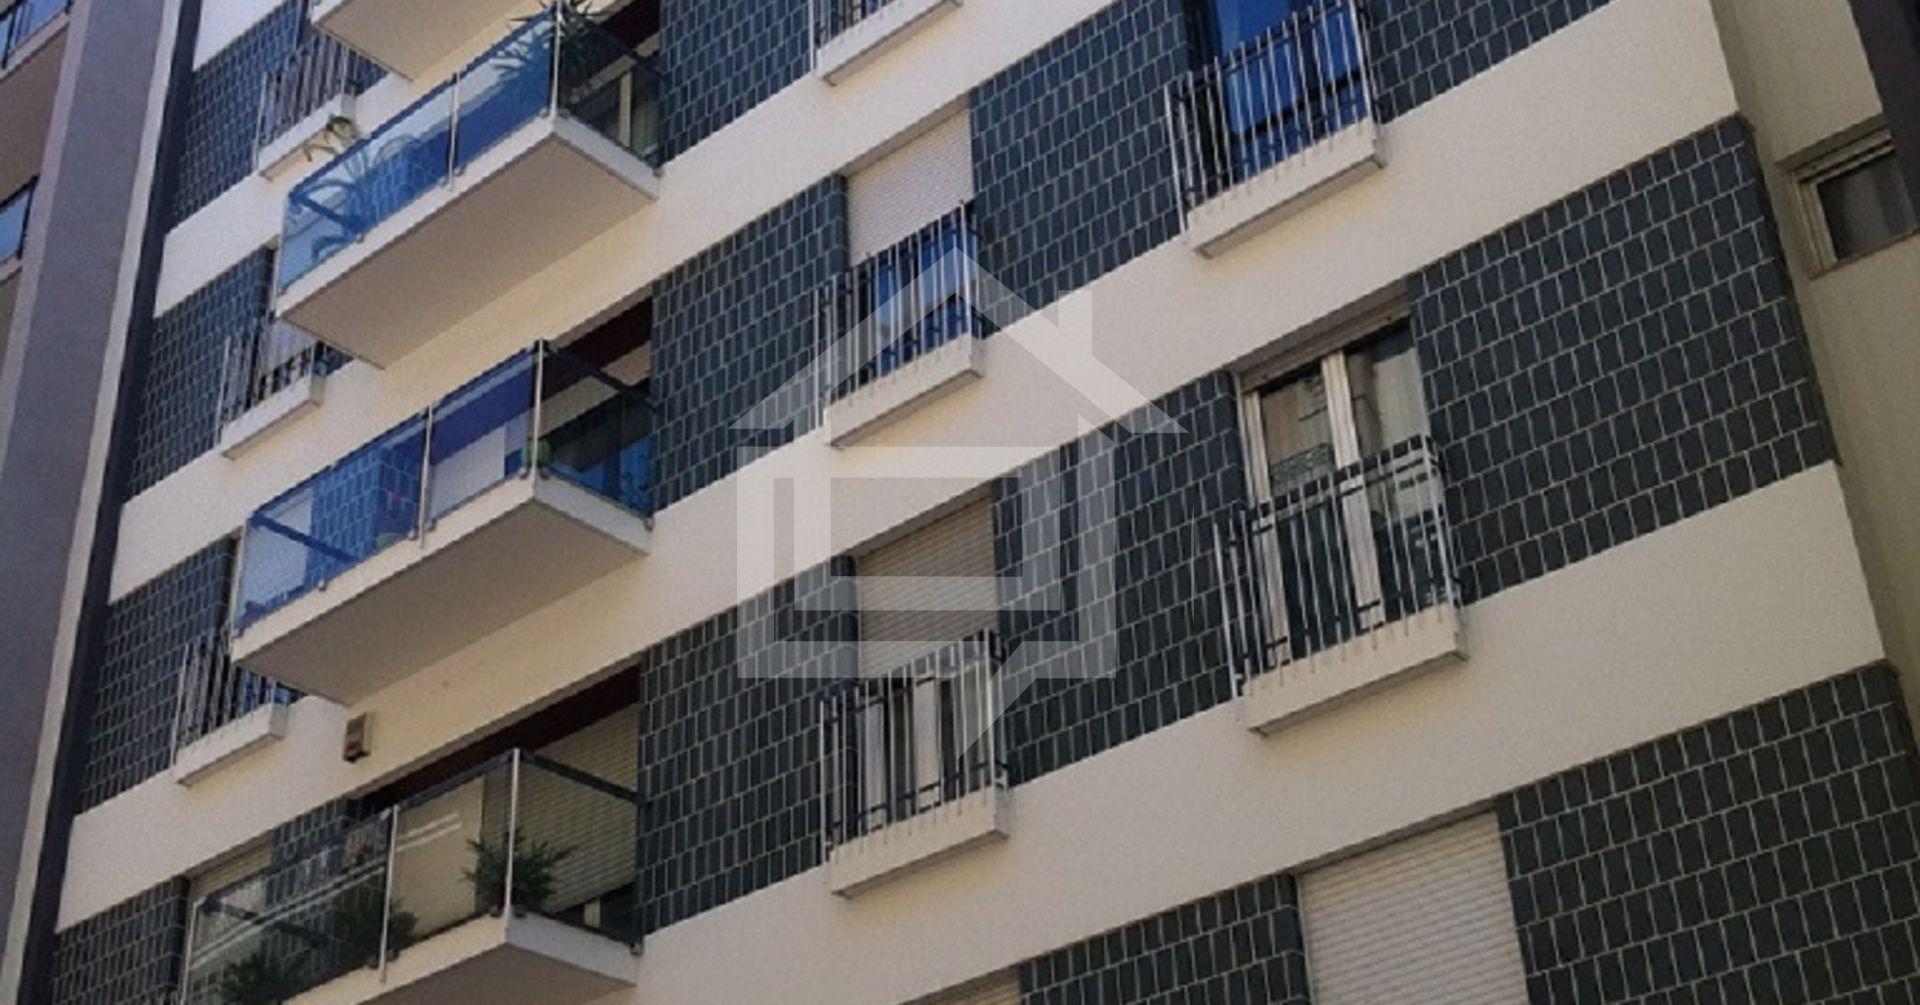 Divicasa appartamento in affitto a bari via cardassi 31 for Appartamento in affitto arredato bari